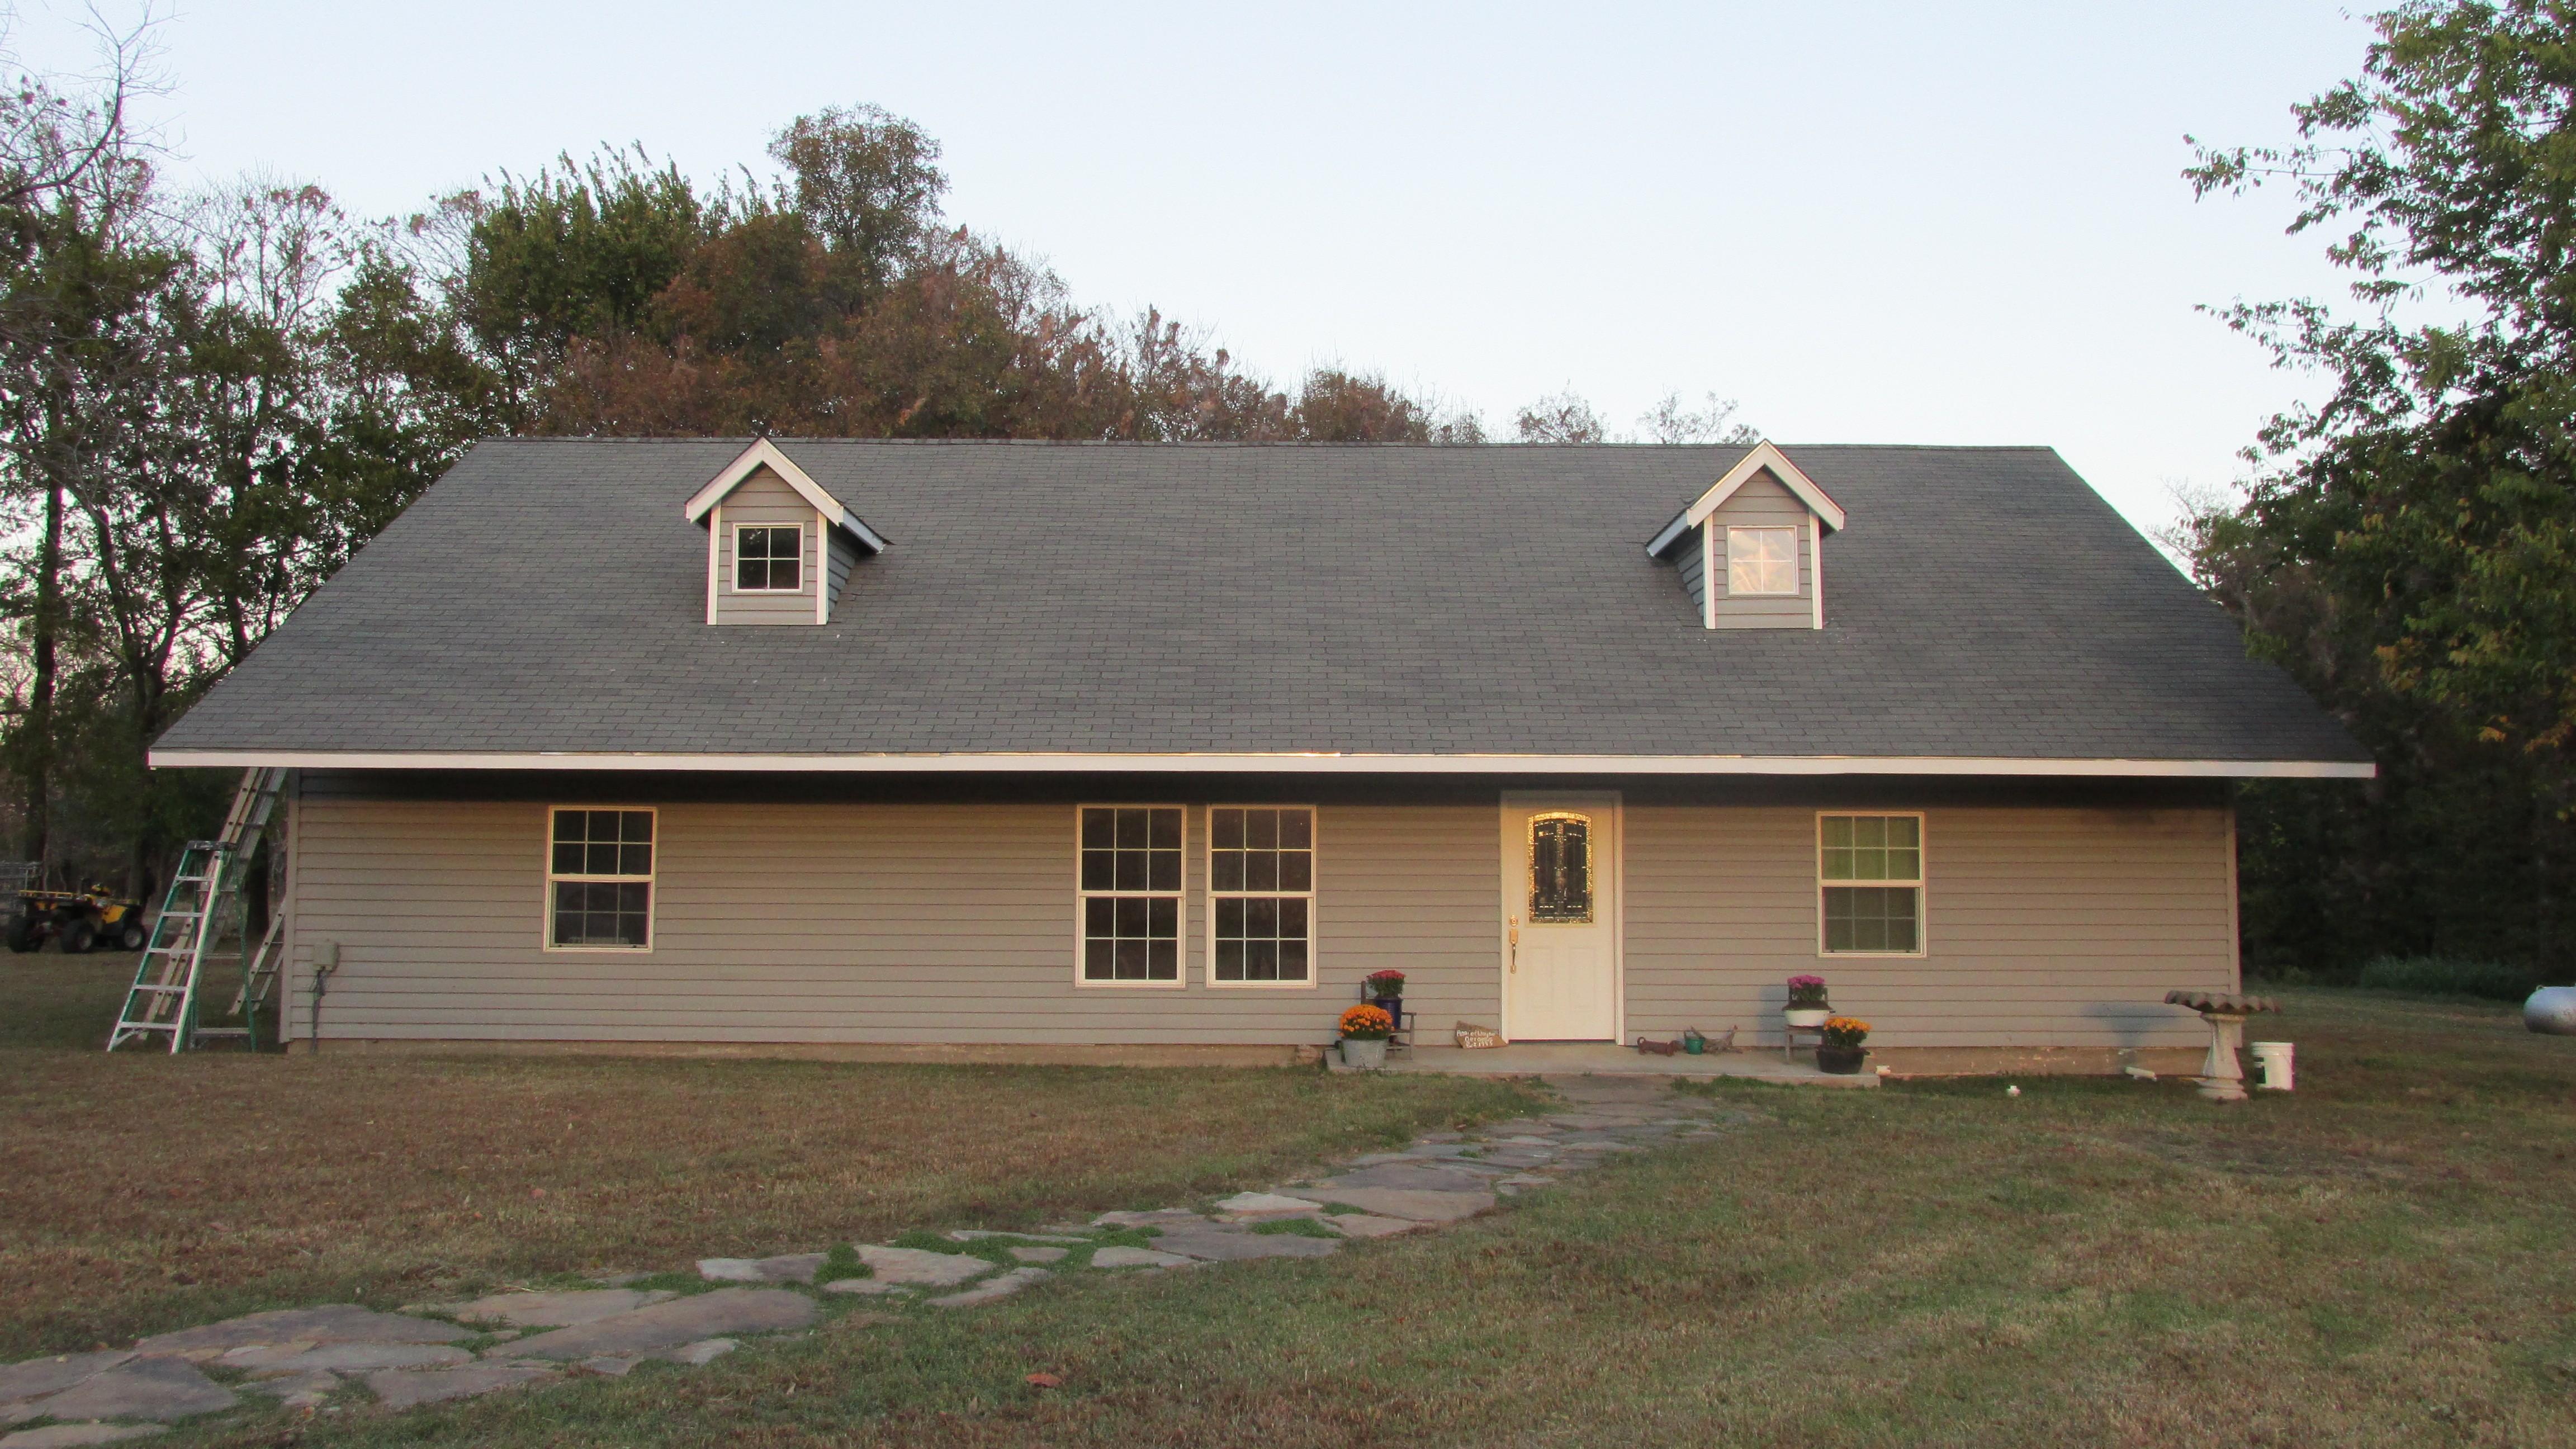 1597 N 440 Rd, Locust Grove, Oklahoma 74352